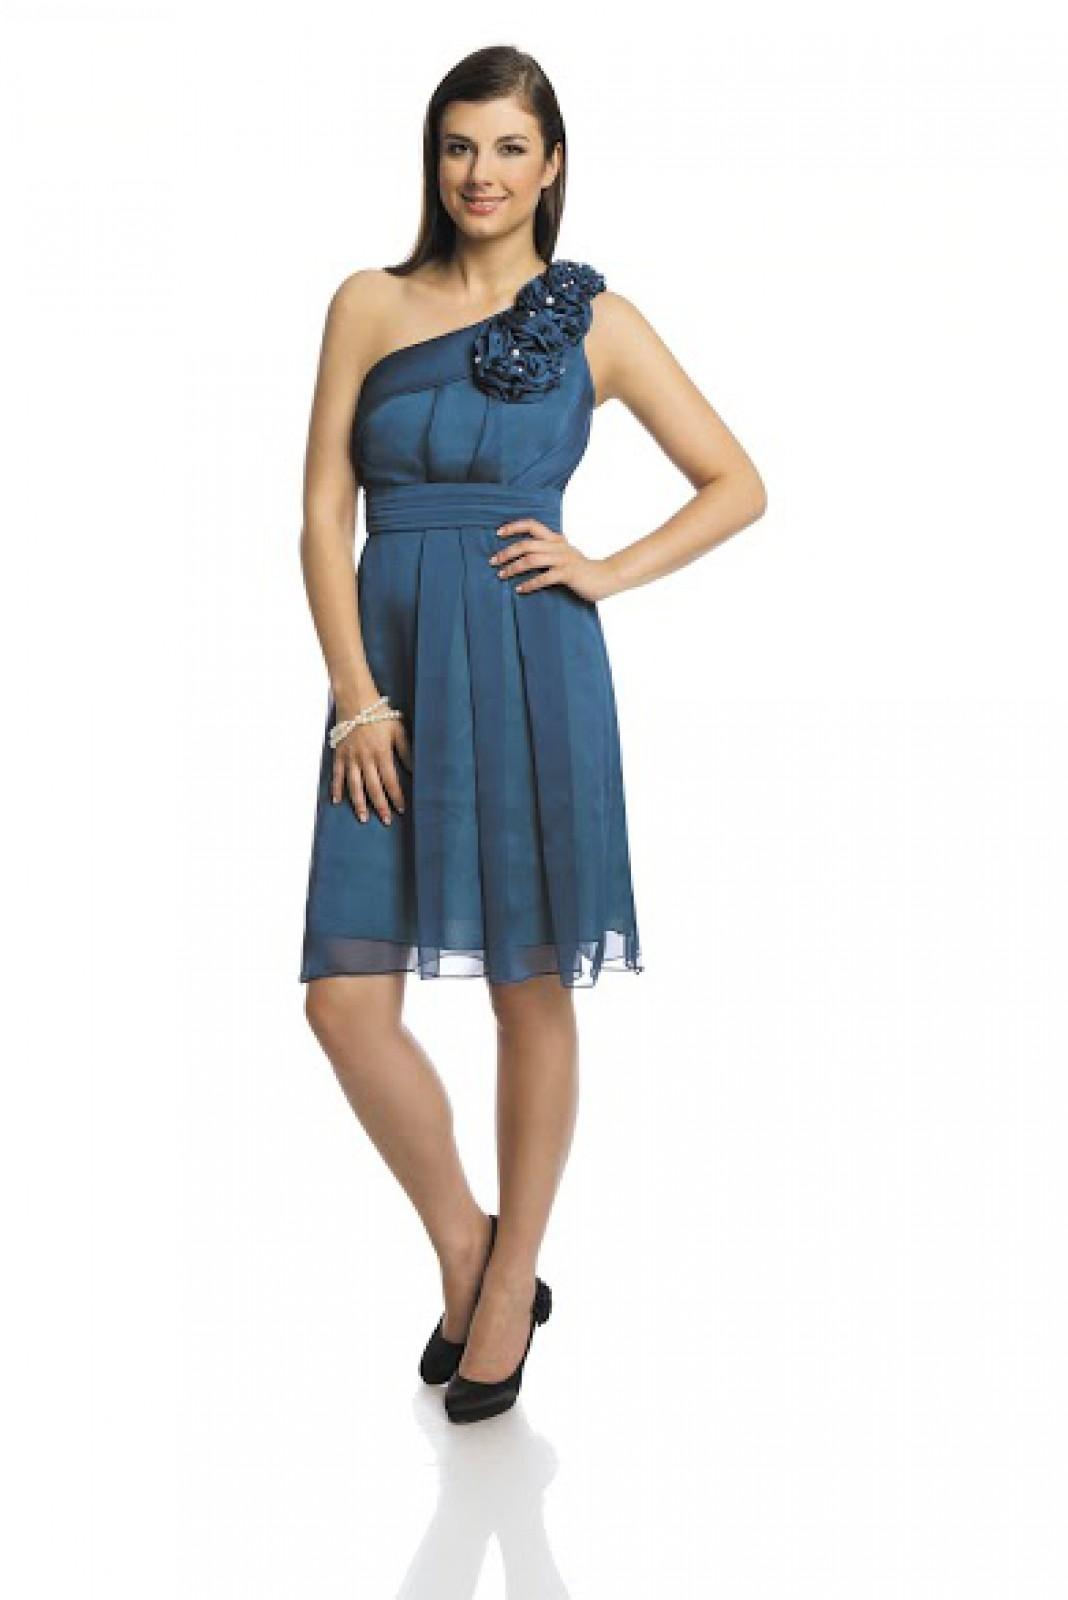 Kurze One-Shoulder-Chiffon-Kleider blau bei kleider-boutique.de - ...